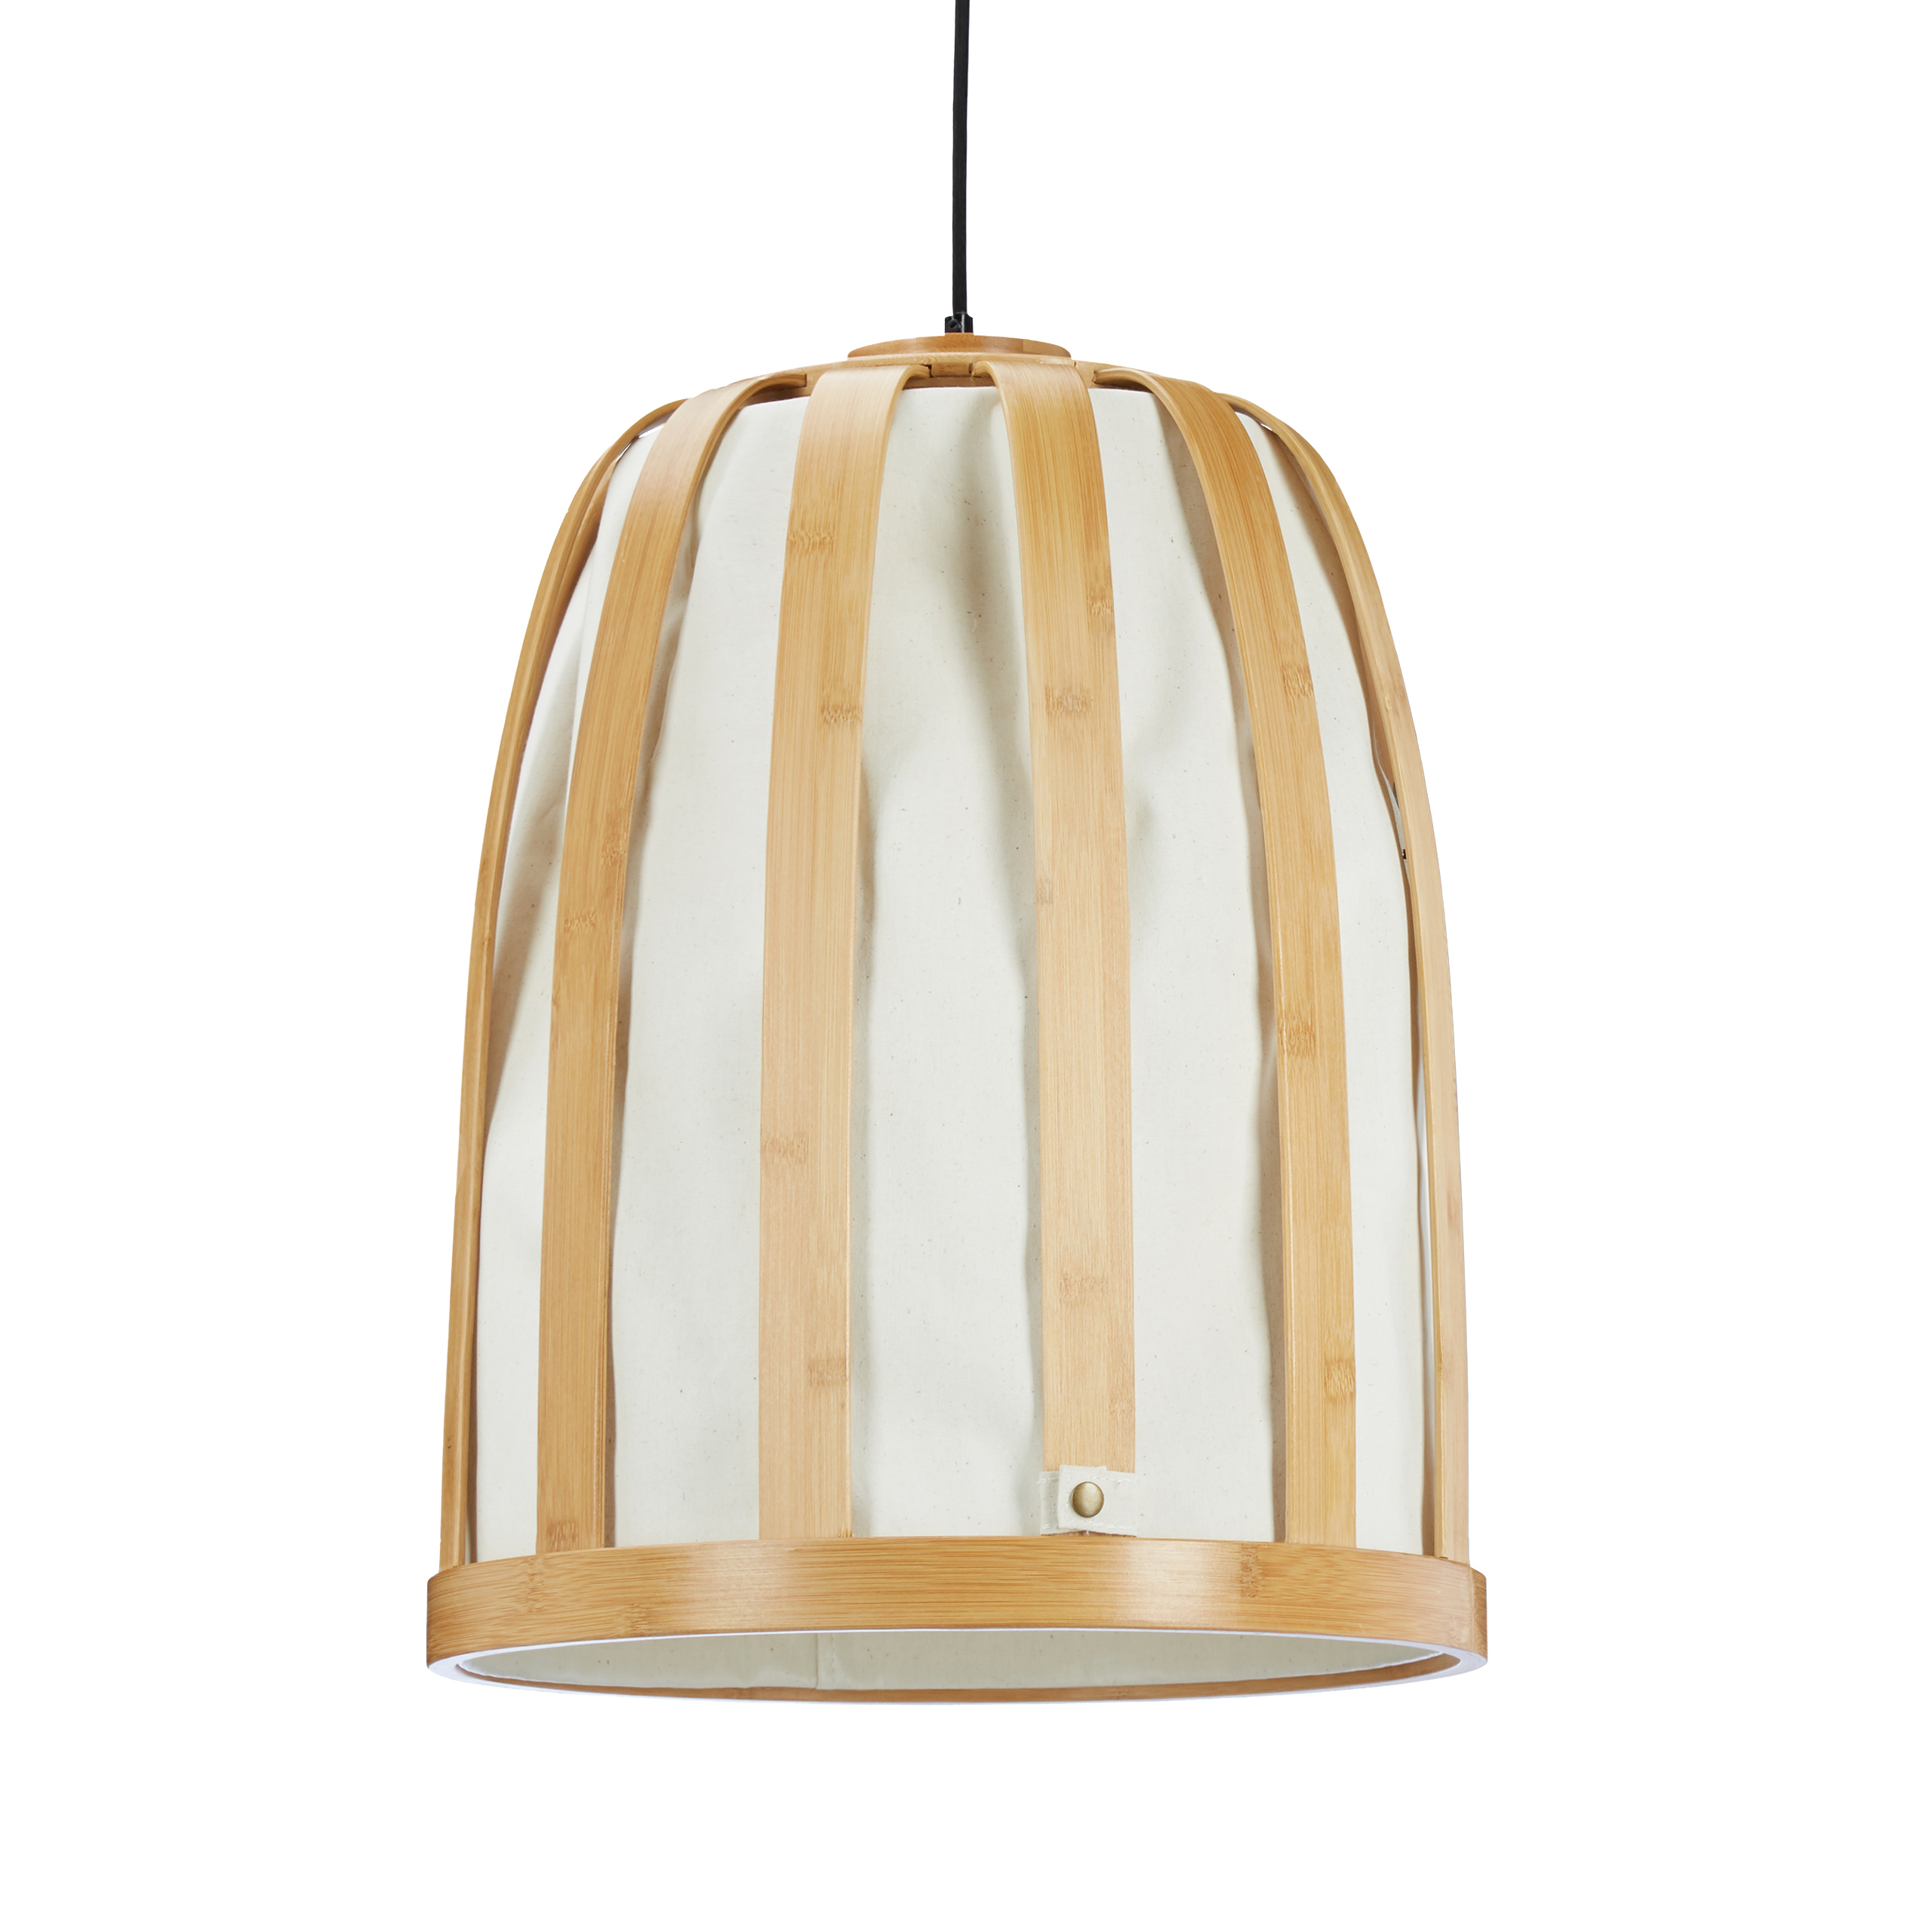 Hangelampe Bambus Gitter Mit Stoff Lampenschirm Grosse Deckenlampe